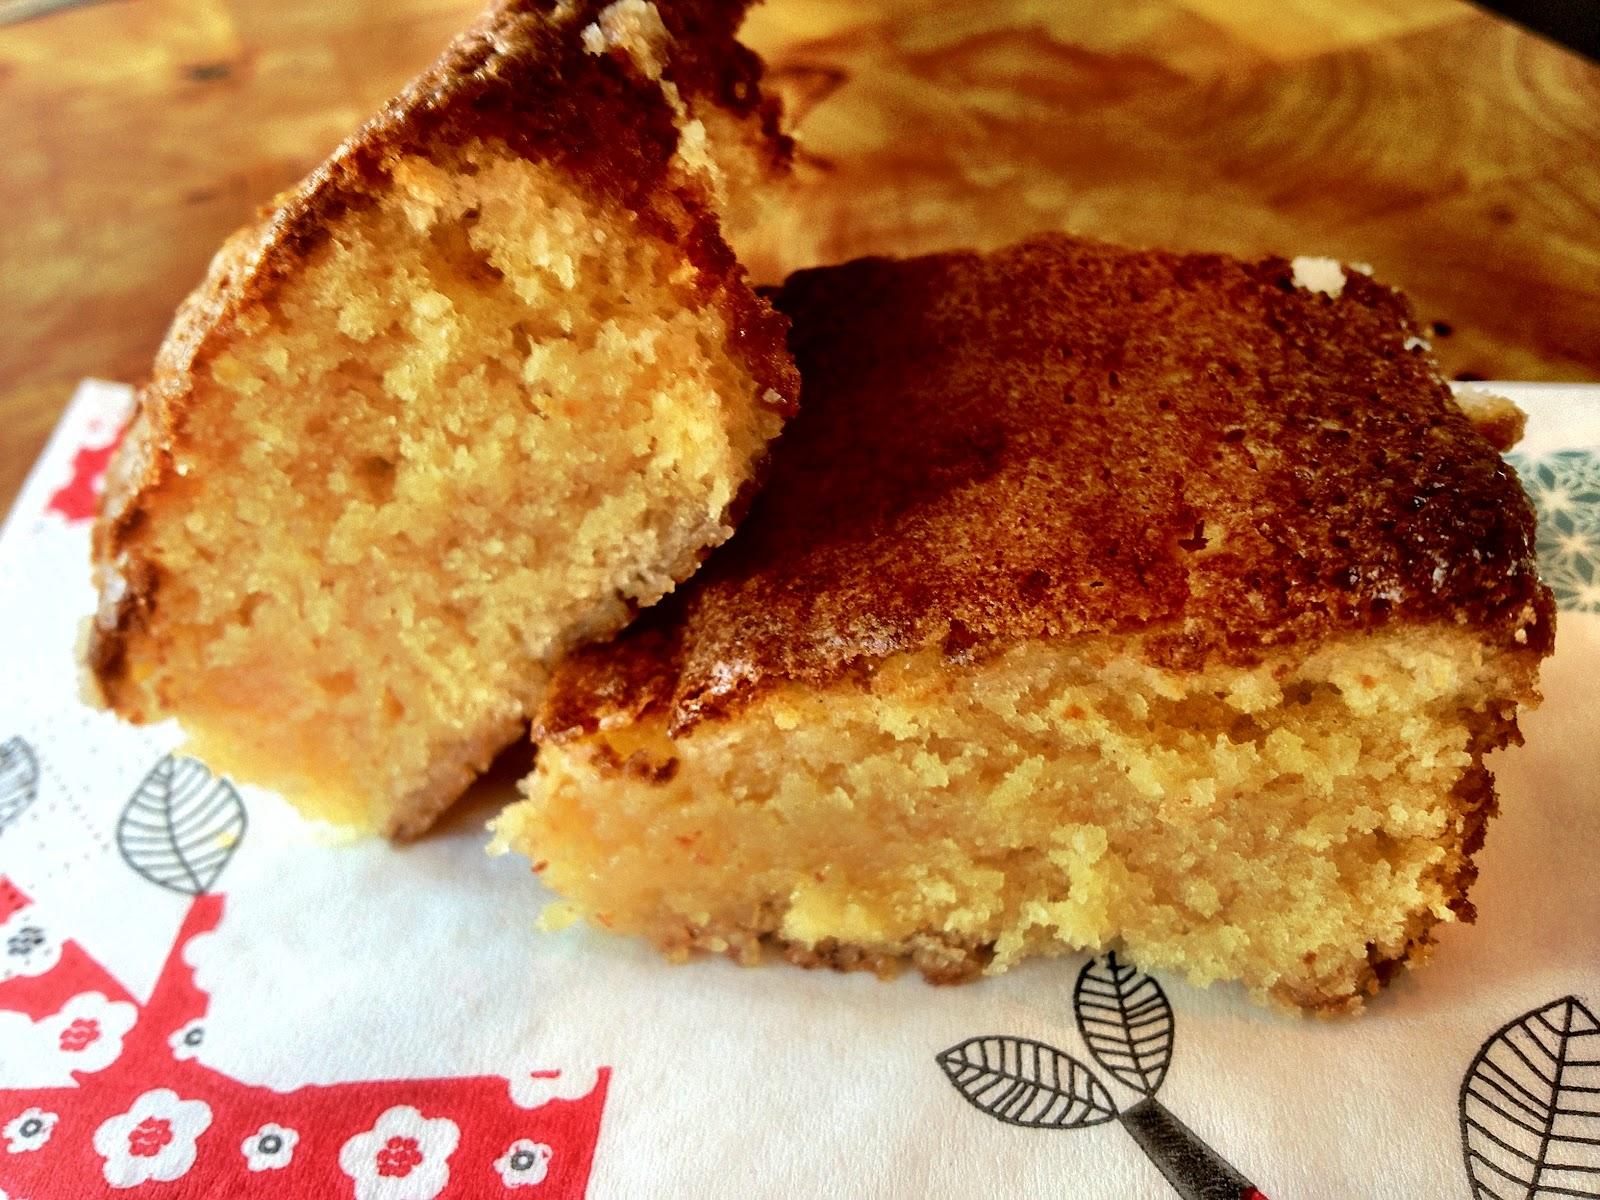 Baño Blanco De Azucar Receta:de brownie me he topado con una receta de brownie de chocolate blanco